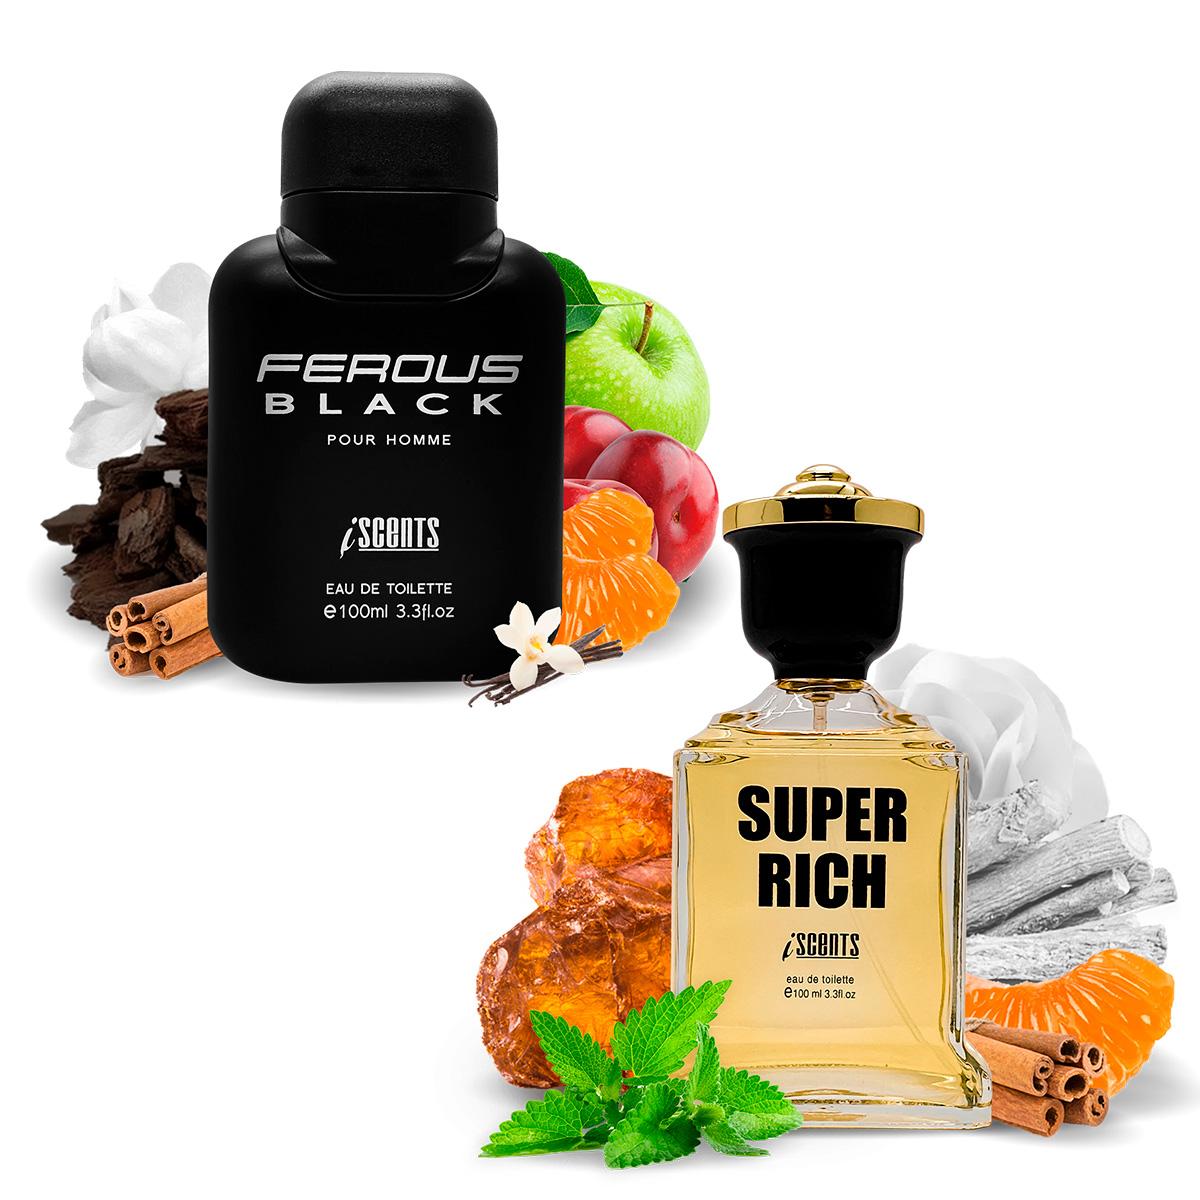 Kit 2 Perfumes Importados Ferous Black e Super Rich I Scents